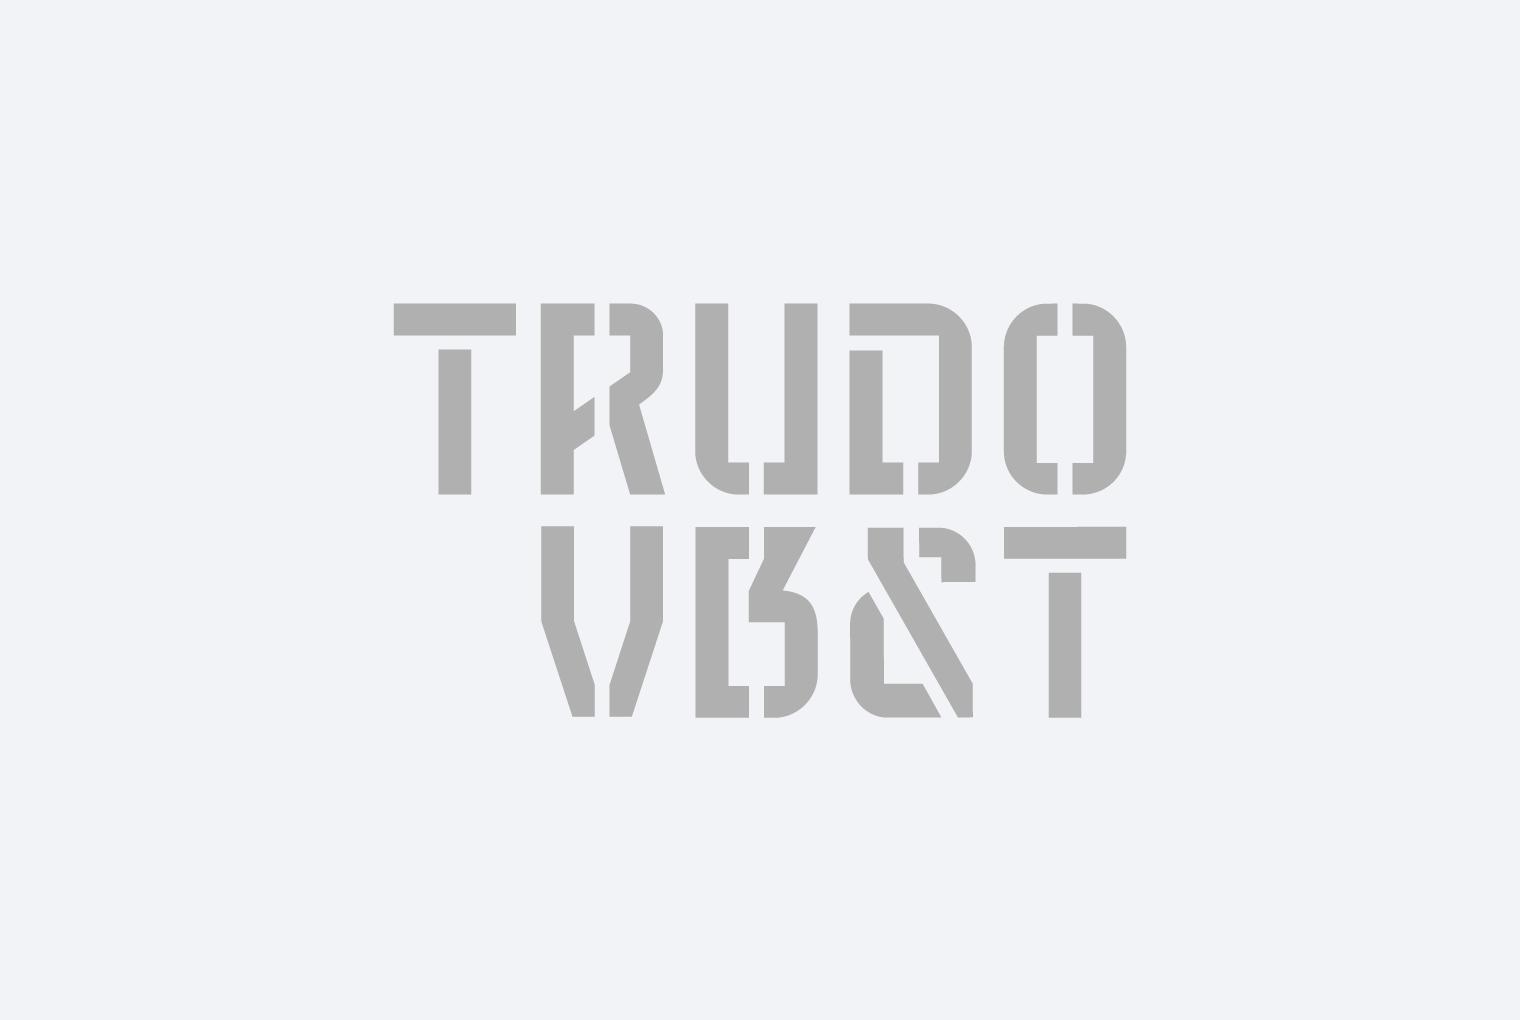 Questo werkt voor Trudo vb&t - Posters